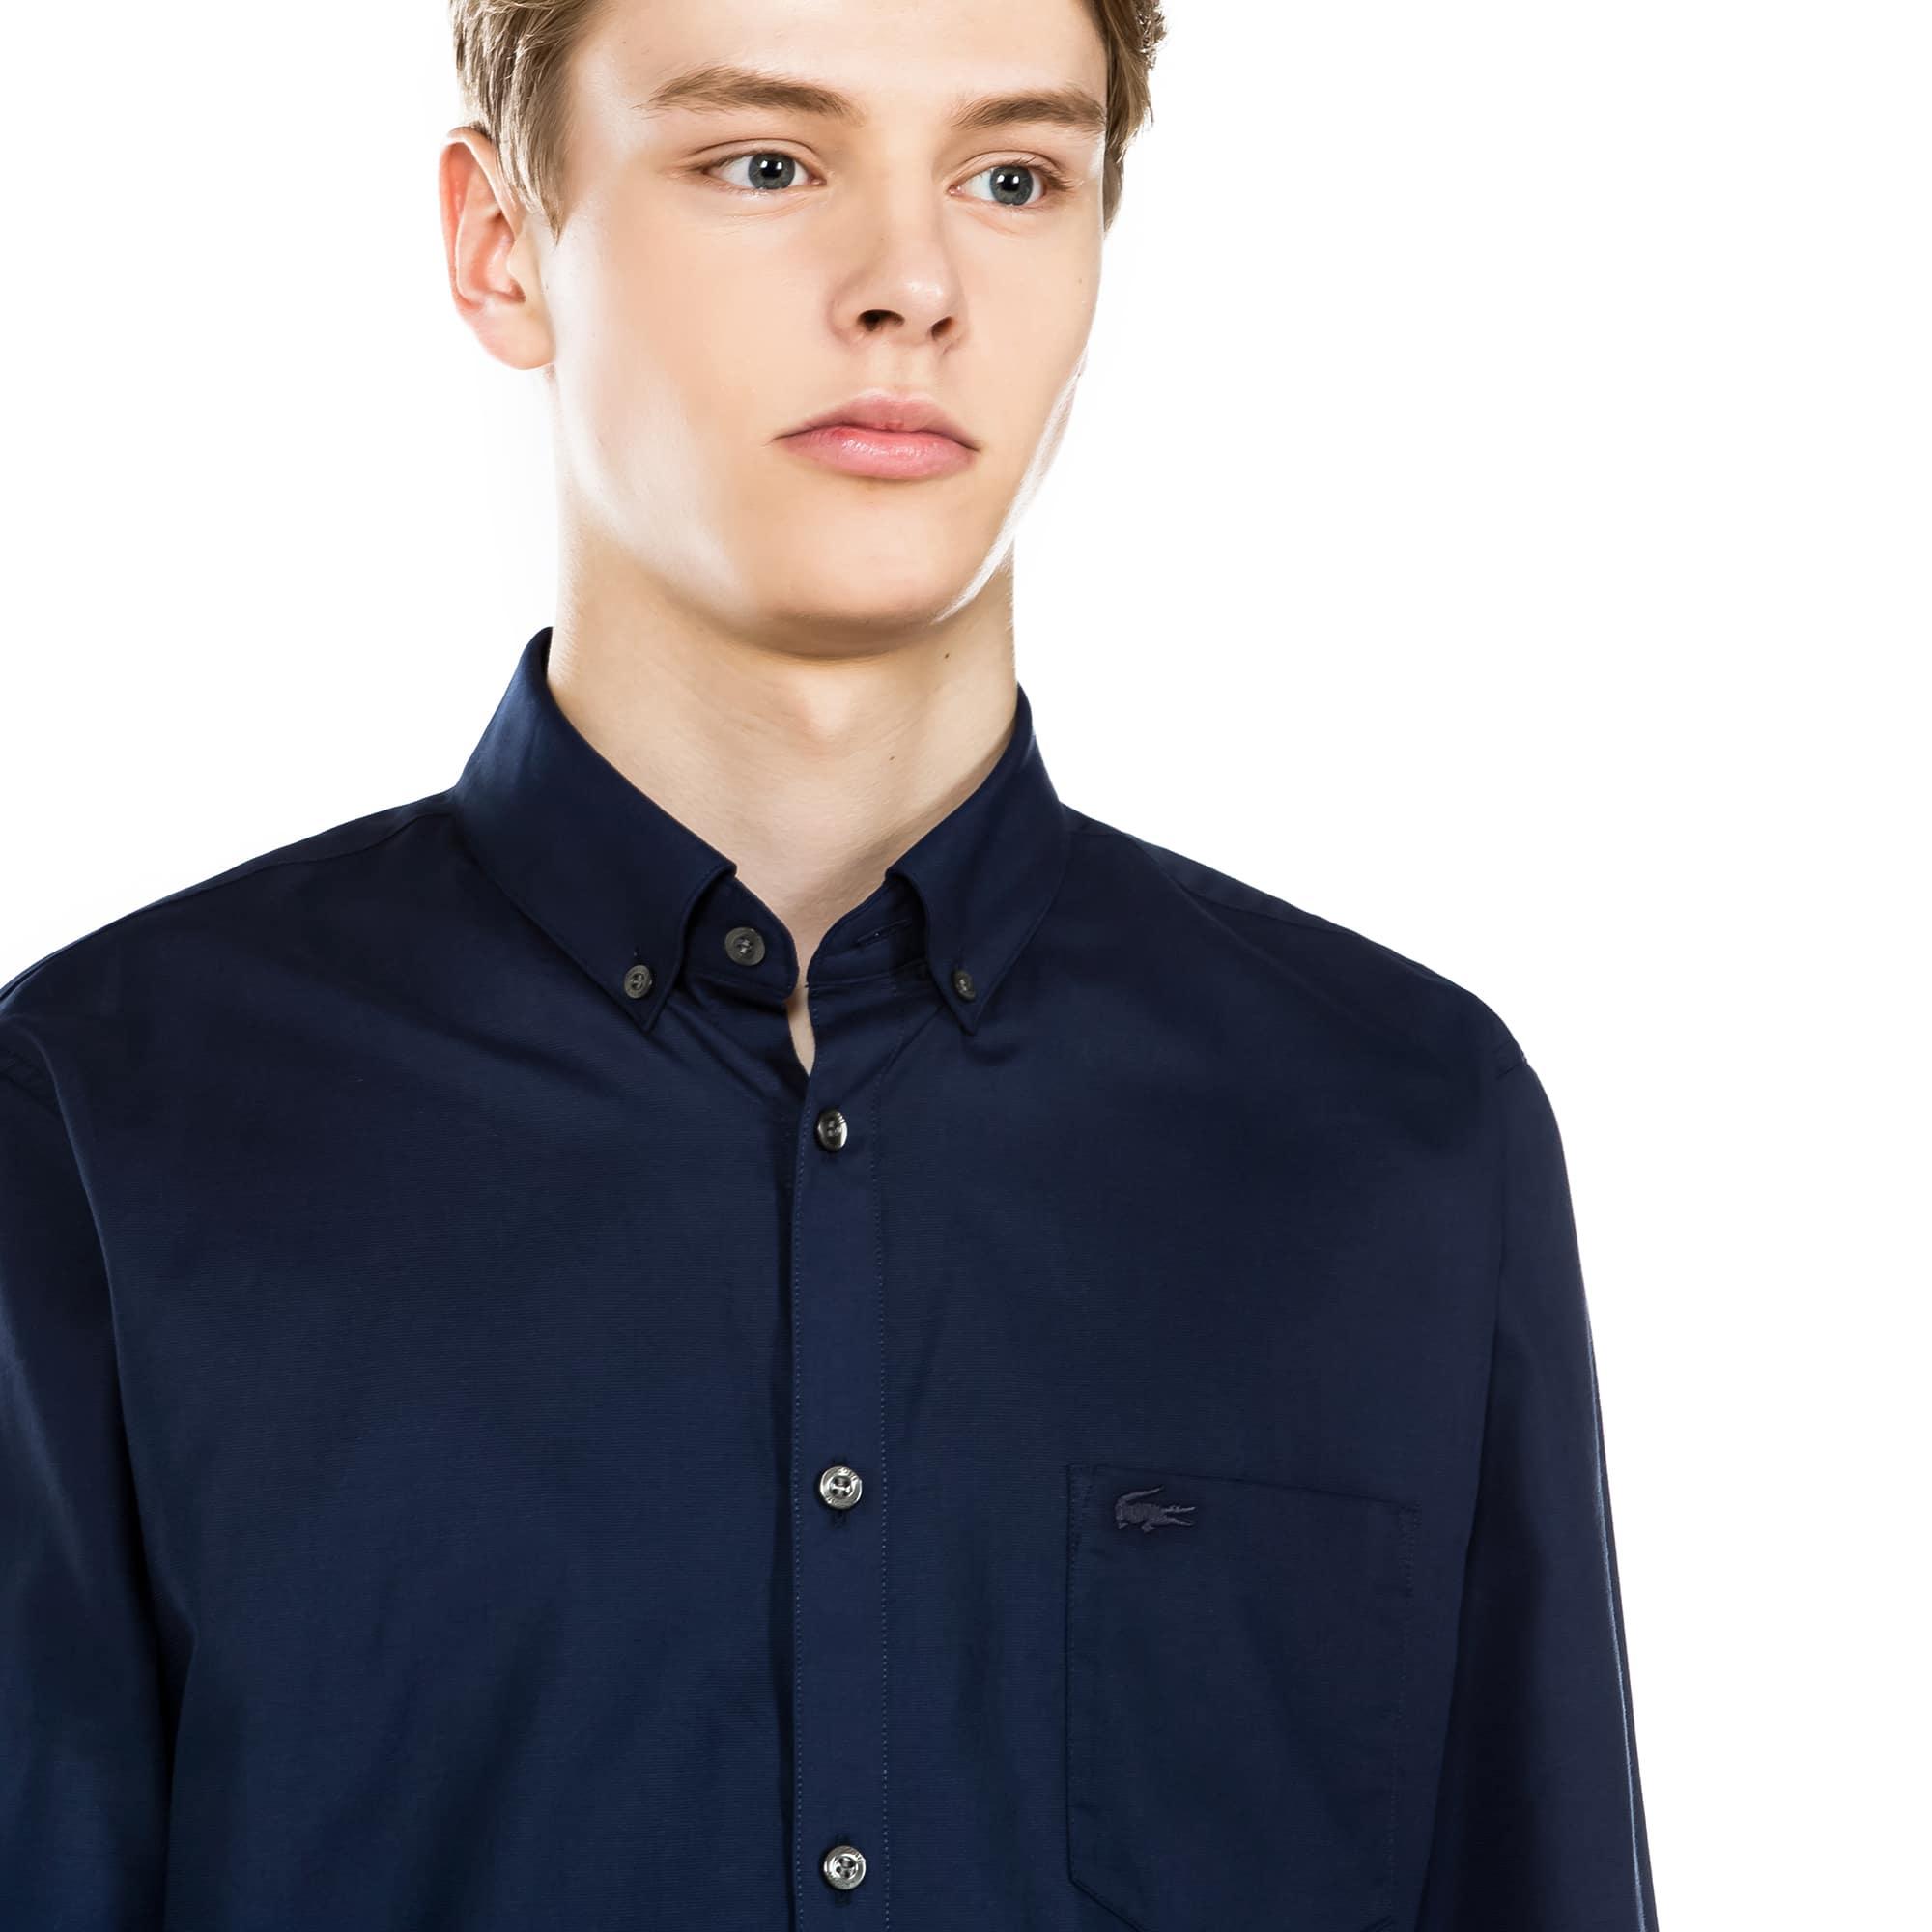 (남성) 라코스테 미니 피케 레귤러 셔츠